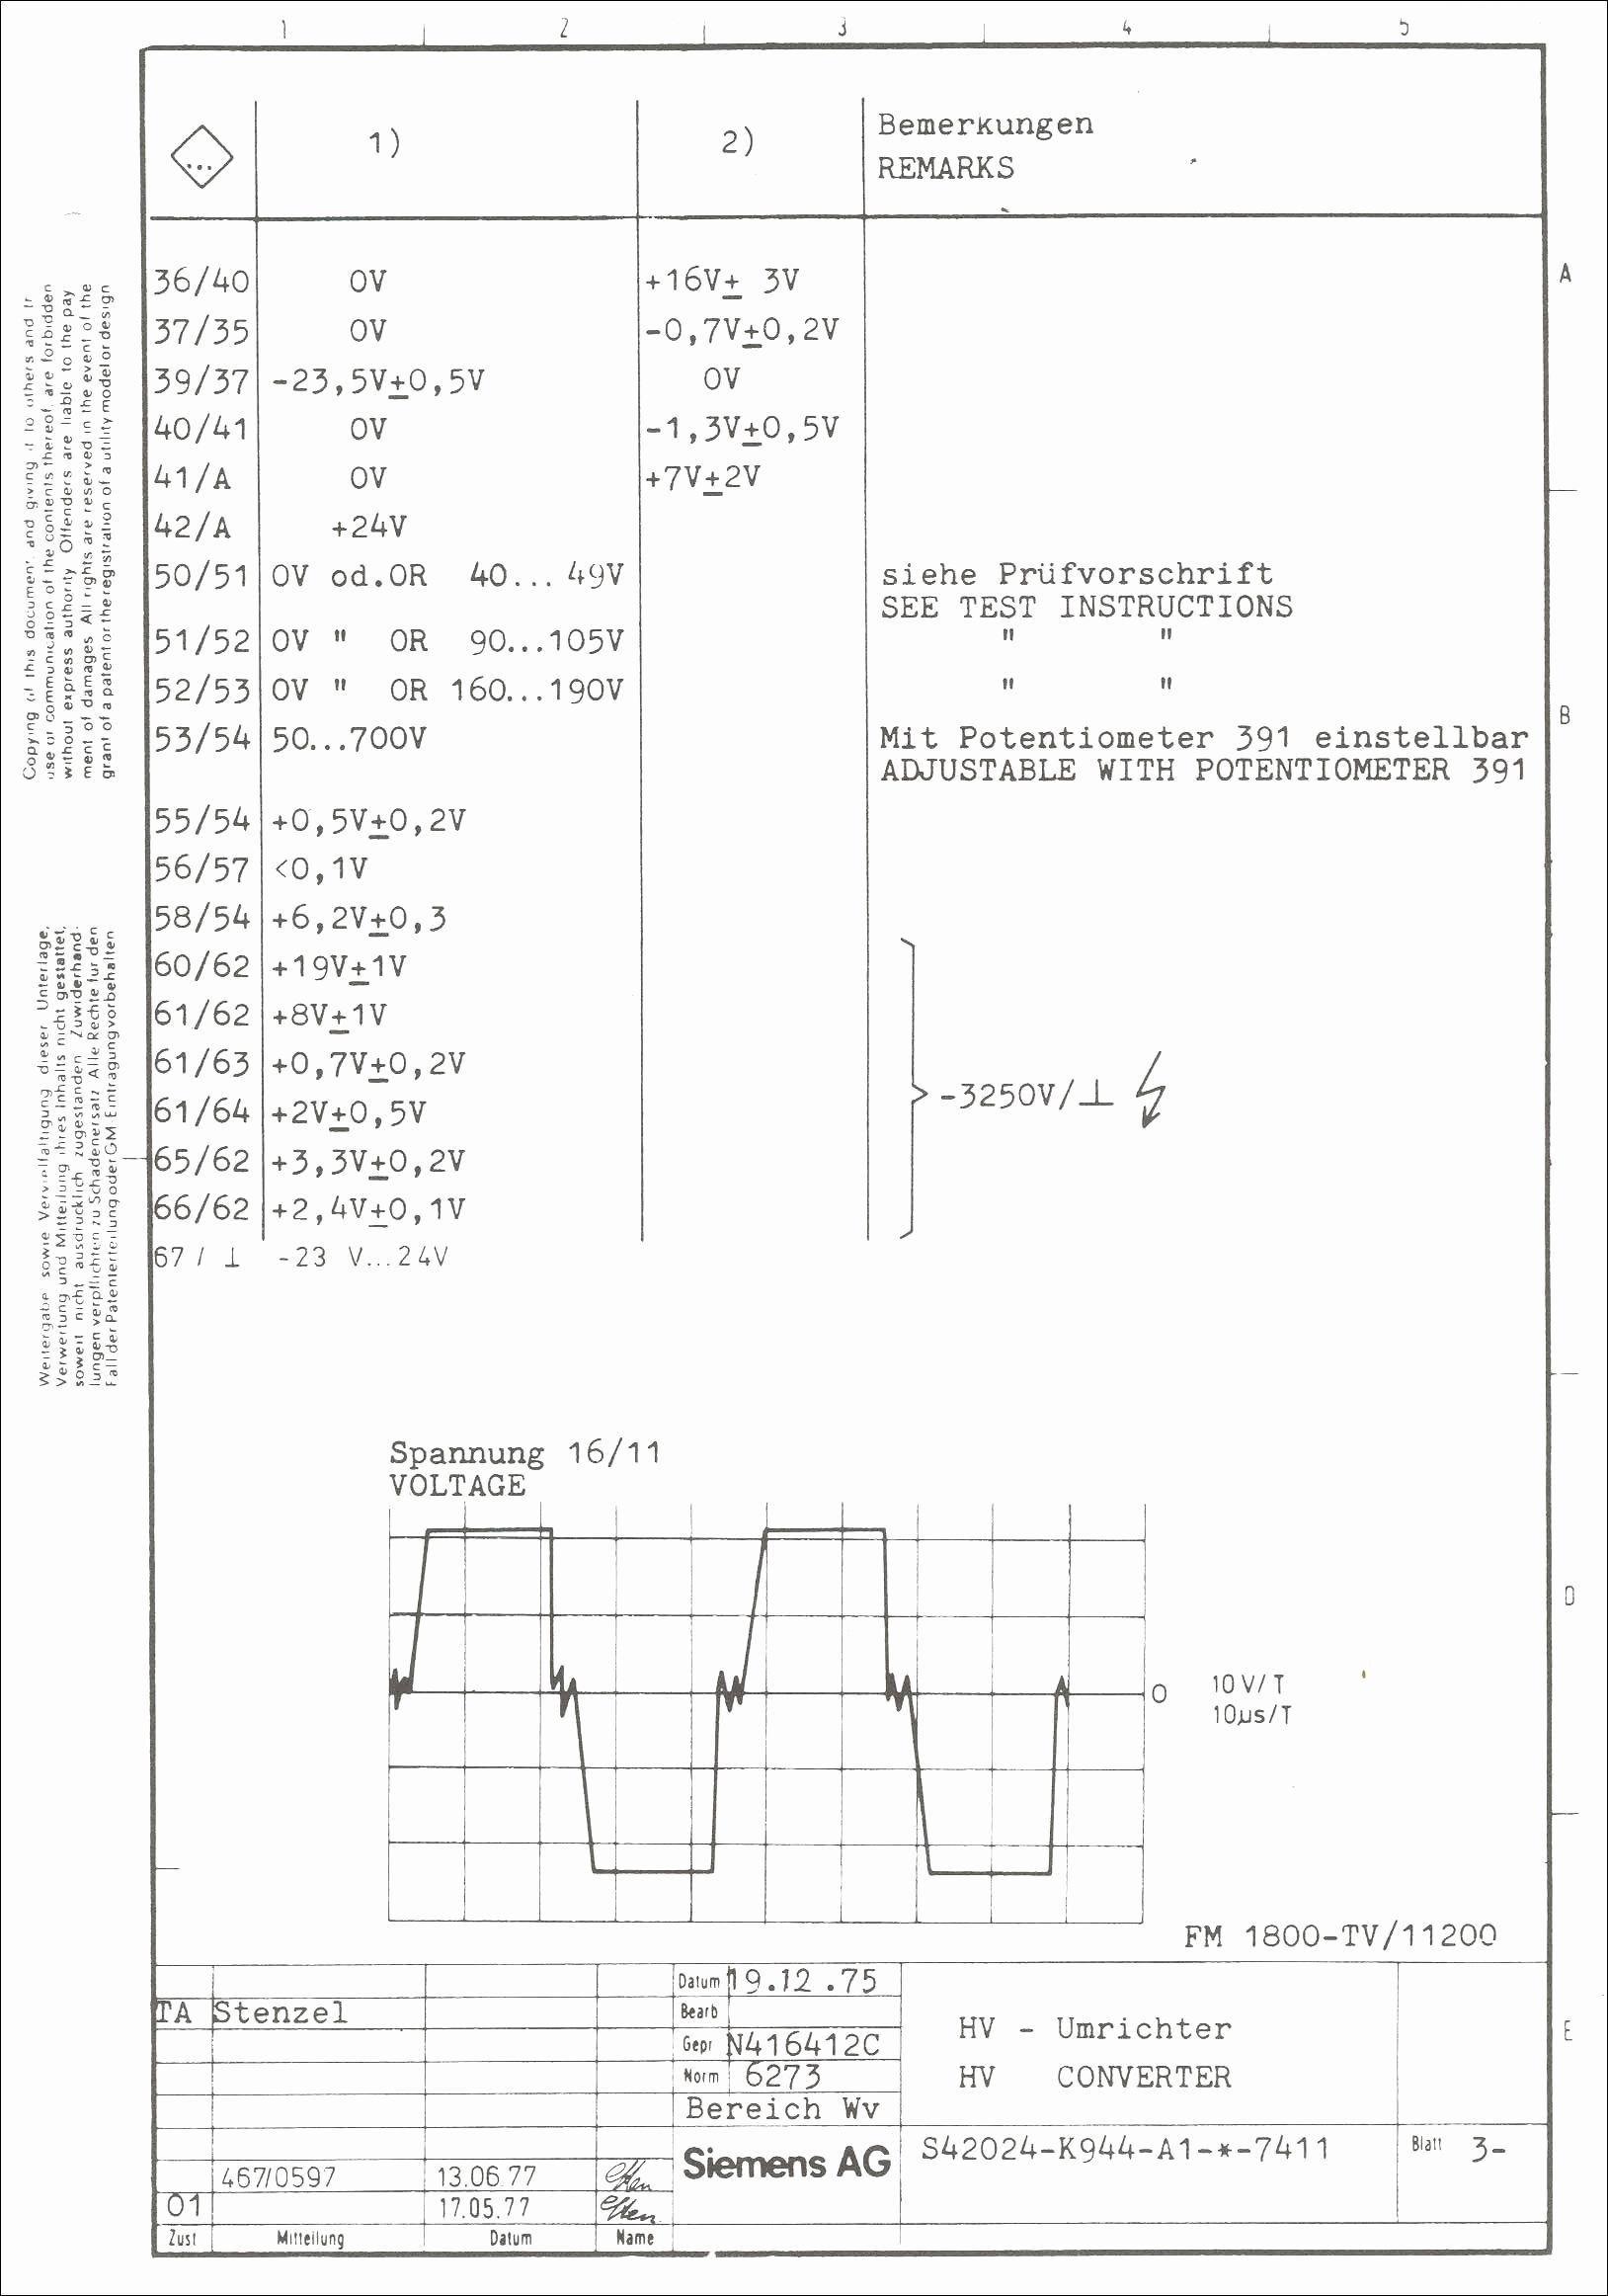 05 Trailblazer Radio Wire Diagrams In 2021 Trailer Wiring Diagram Trailer Light Wiring Electrical Wiring Diagram